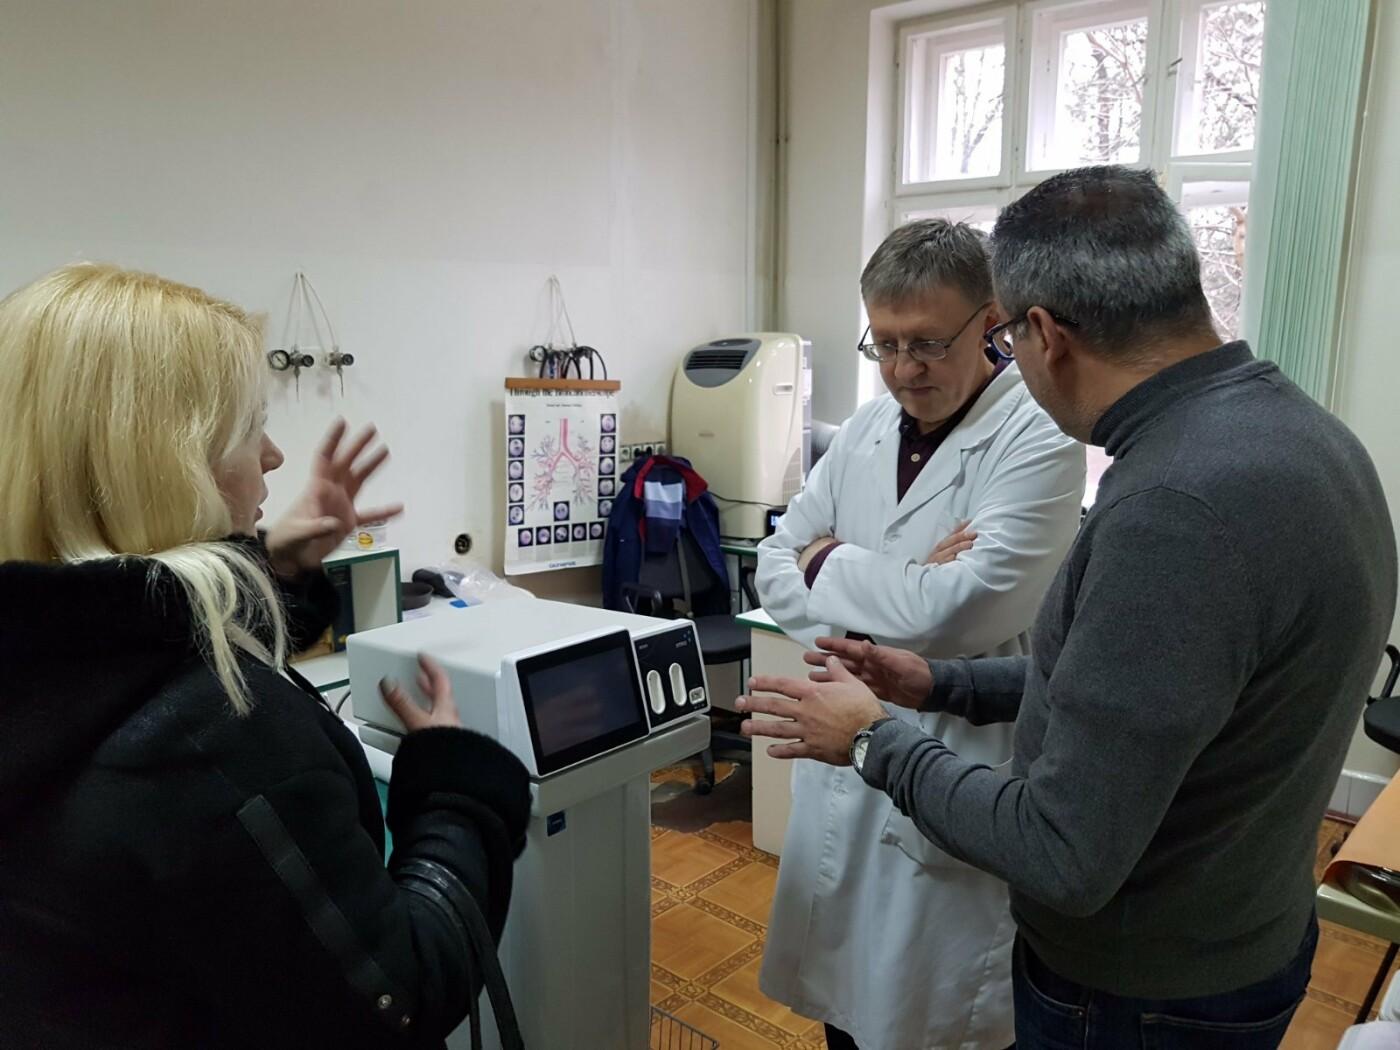 В ужгородському Центрі легеневих хвороб з'явився сучасний відеобронхоскоп (ФОТО, ВІДЕО), фото-1